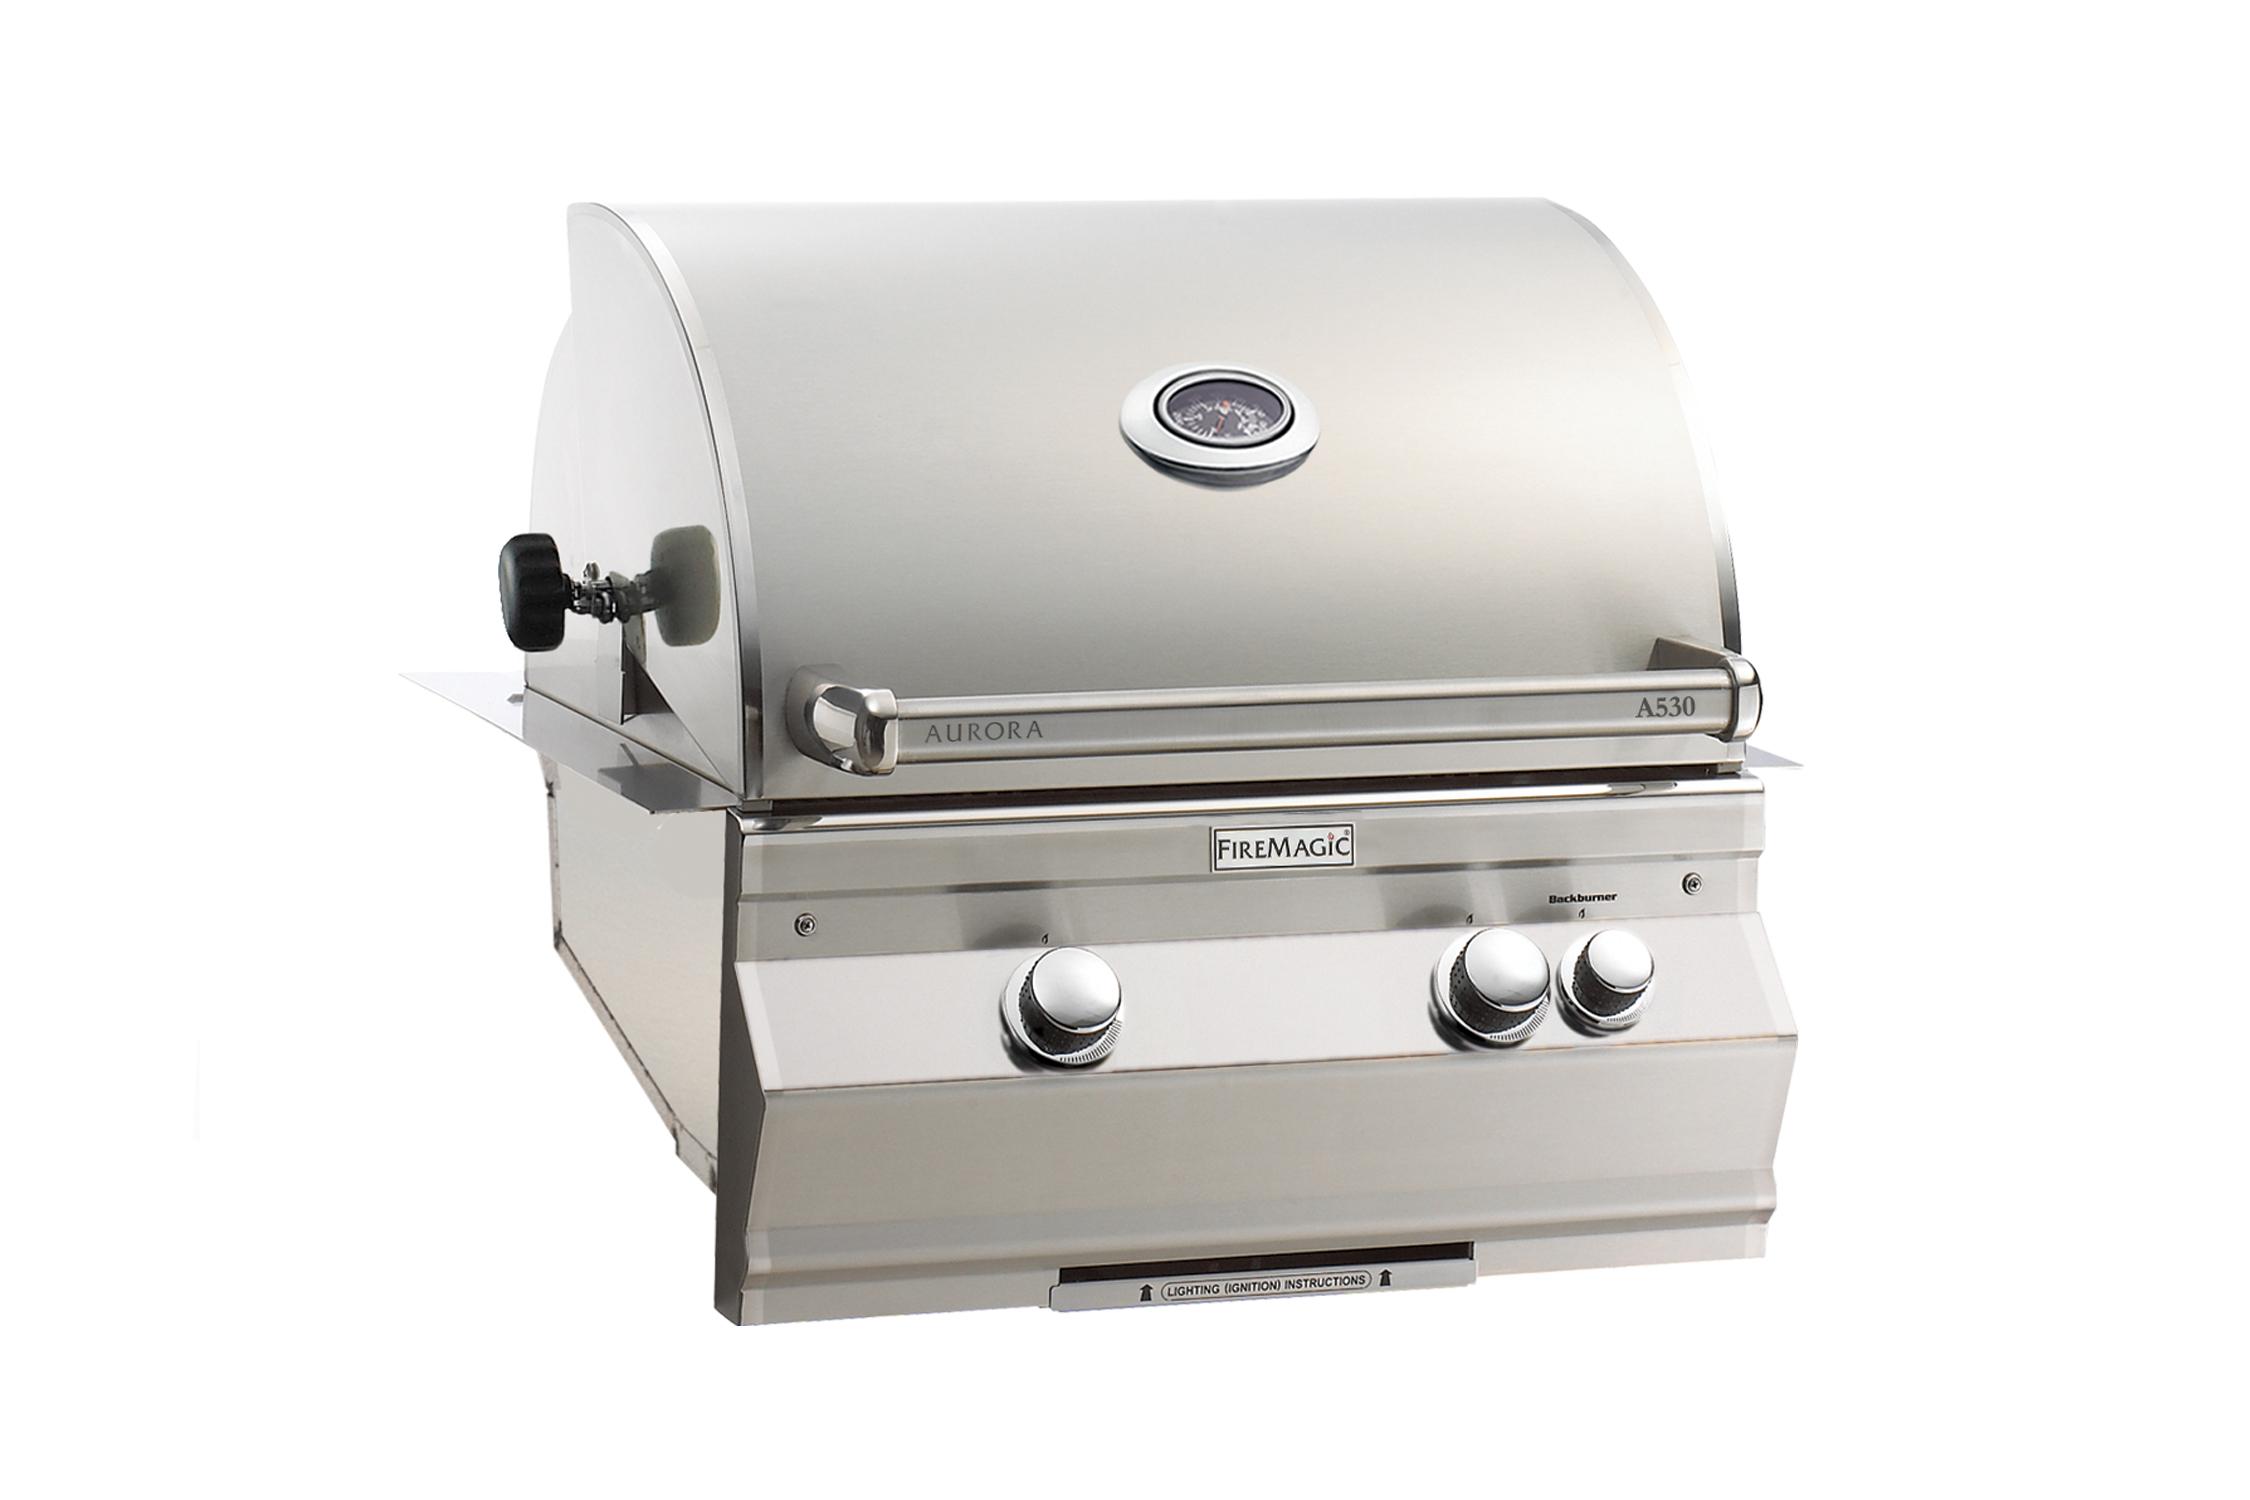 fm-a530i-aurora-analog-built-in-grill.jpg